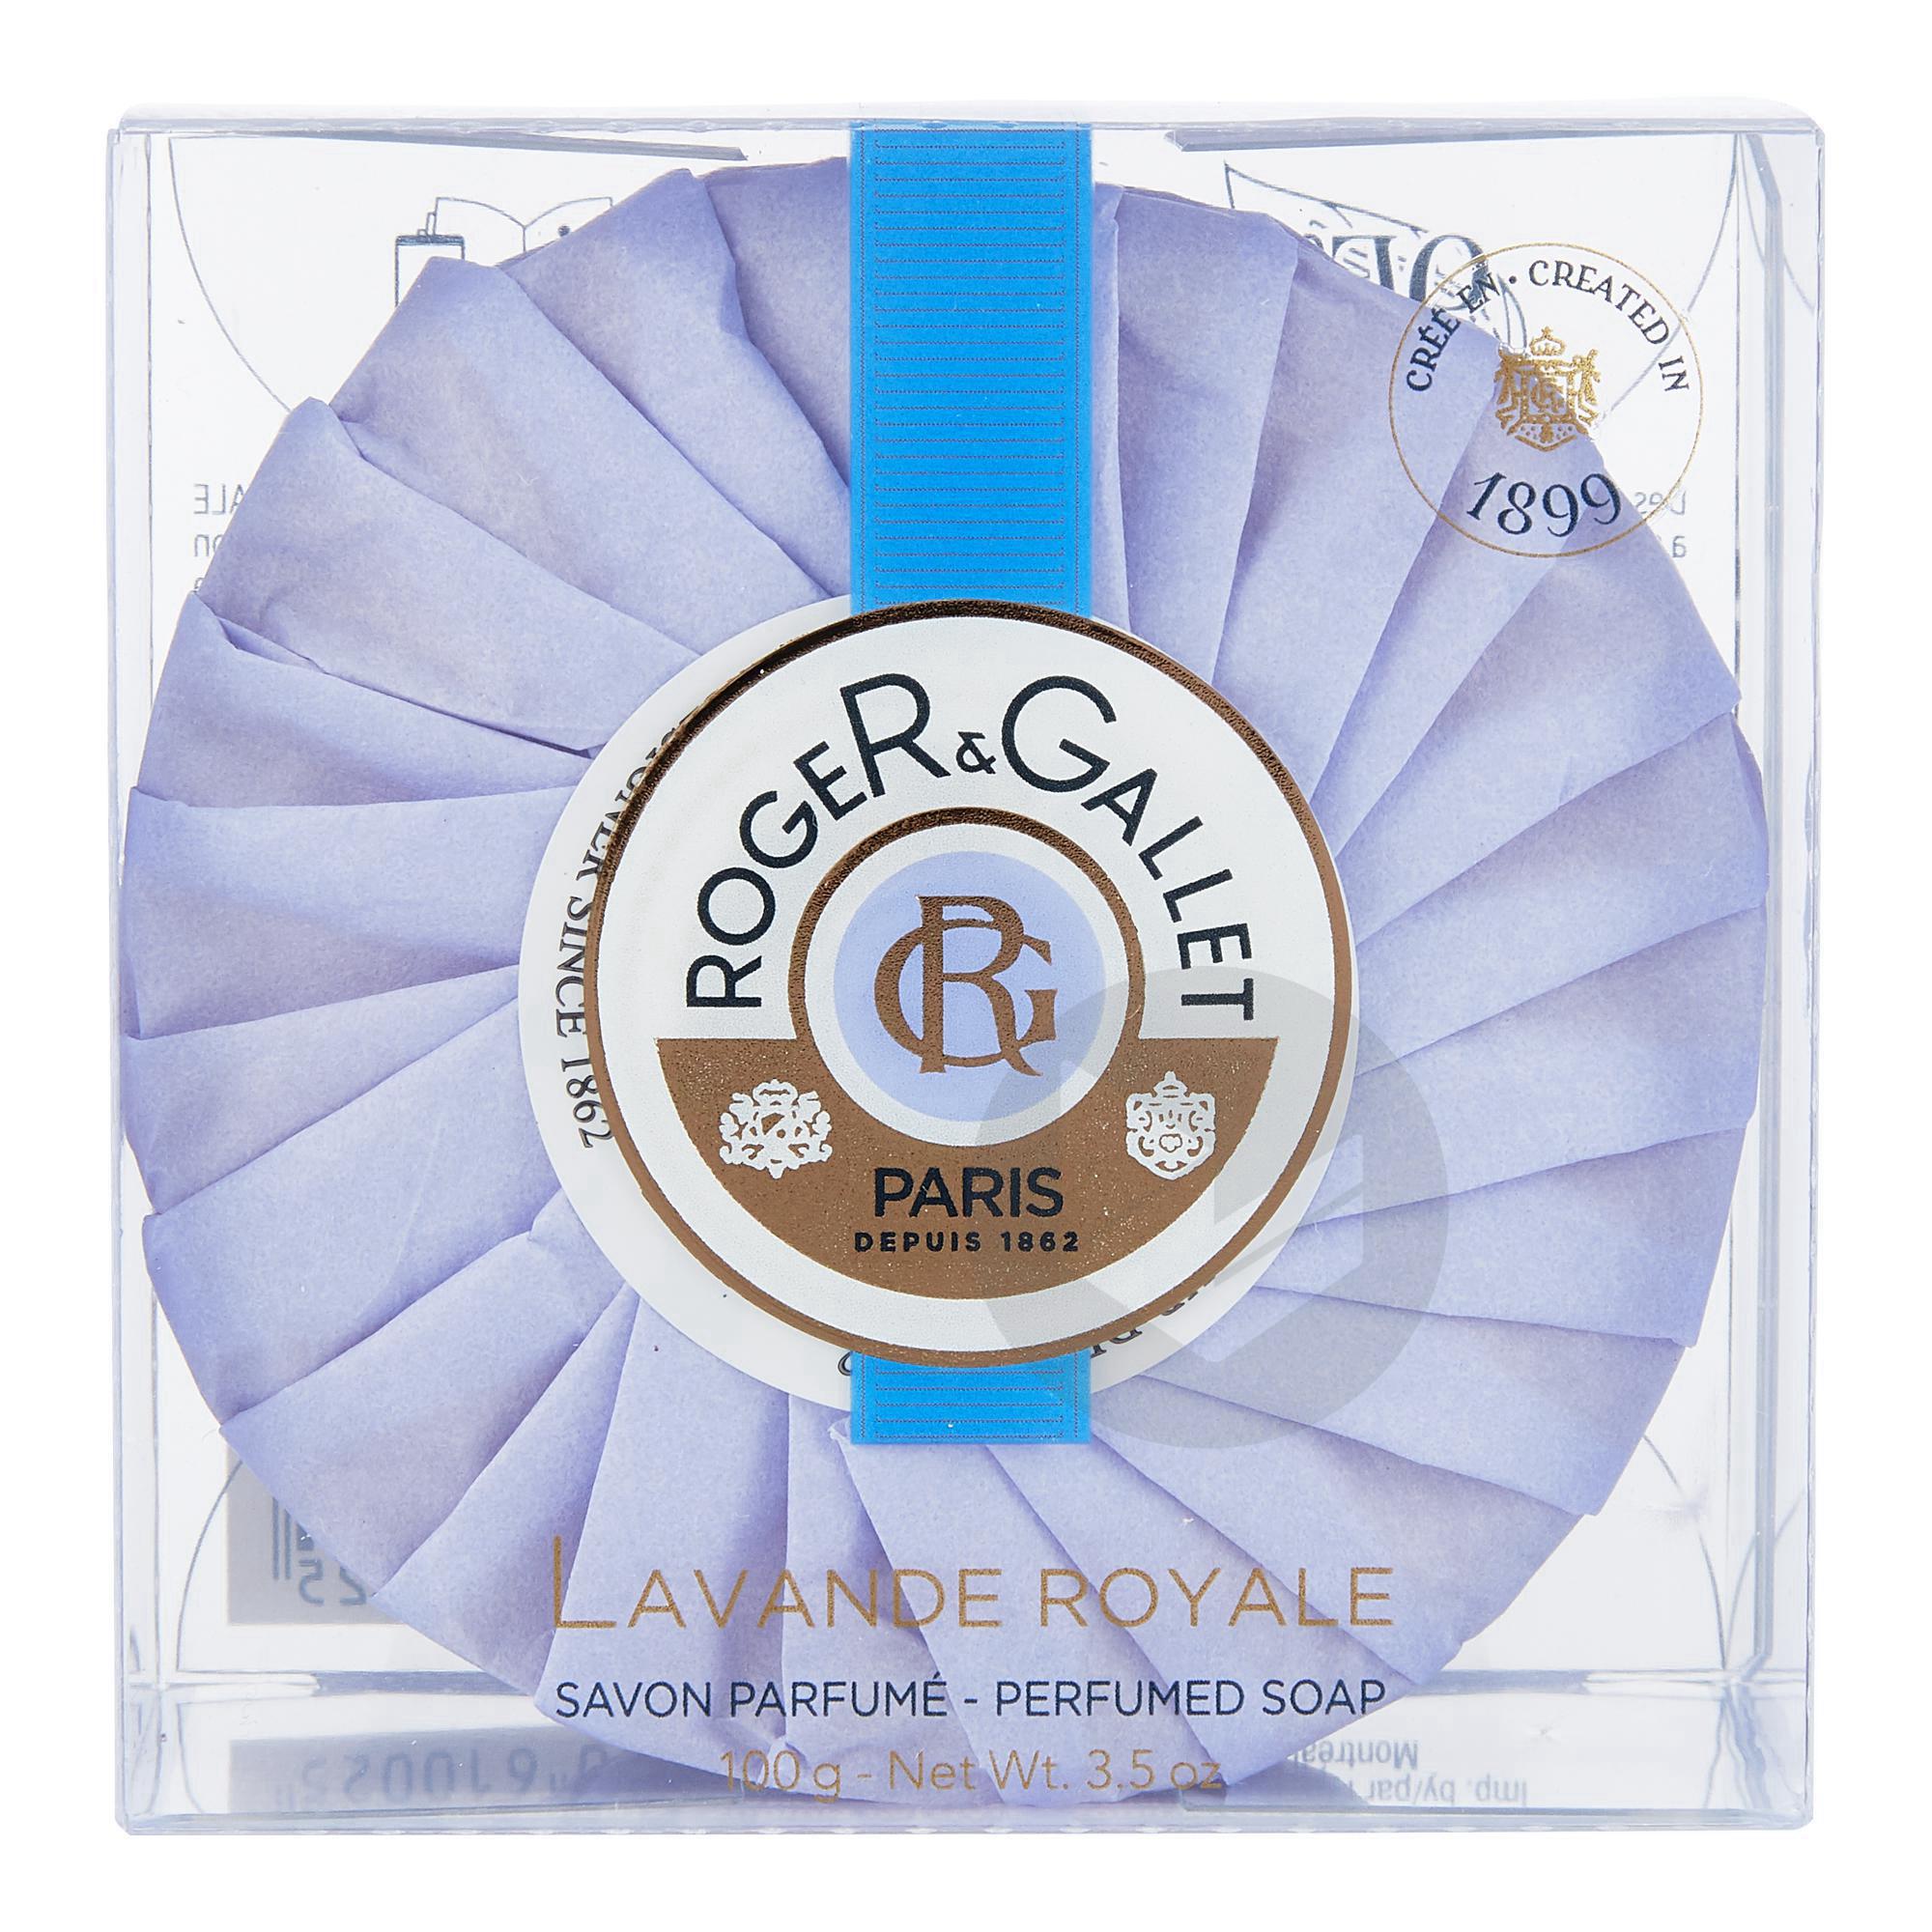 Lavande Royale Savon Parfumé 100g